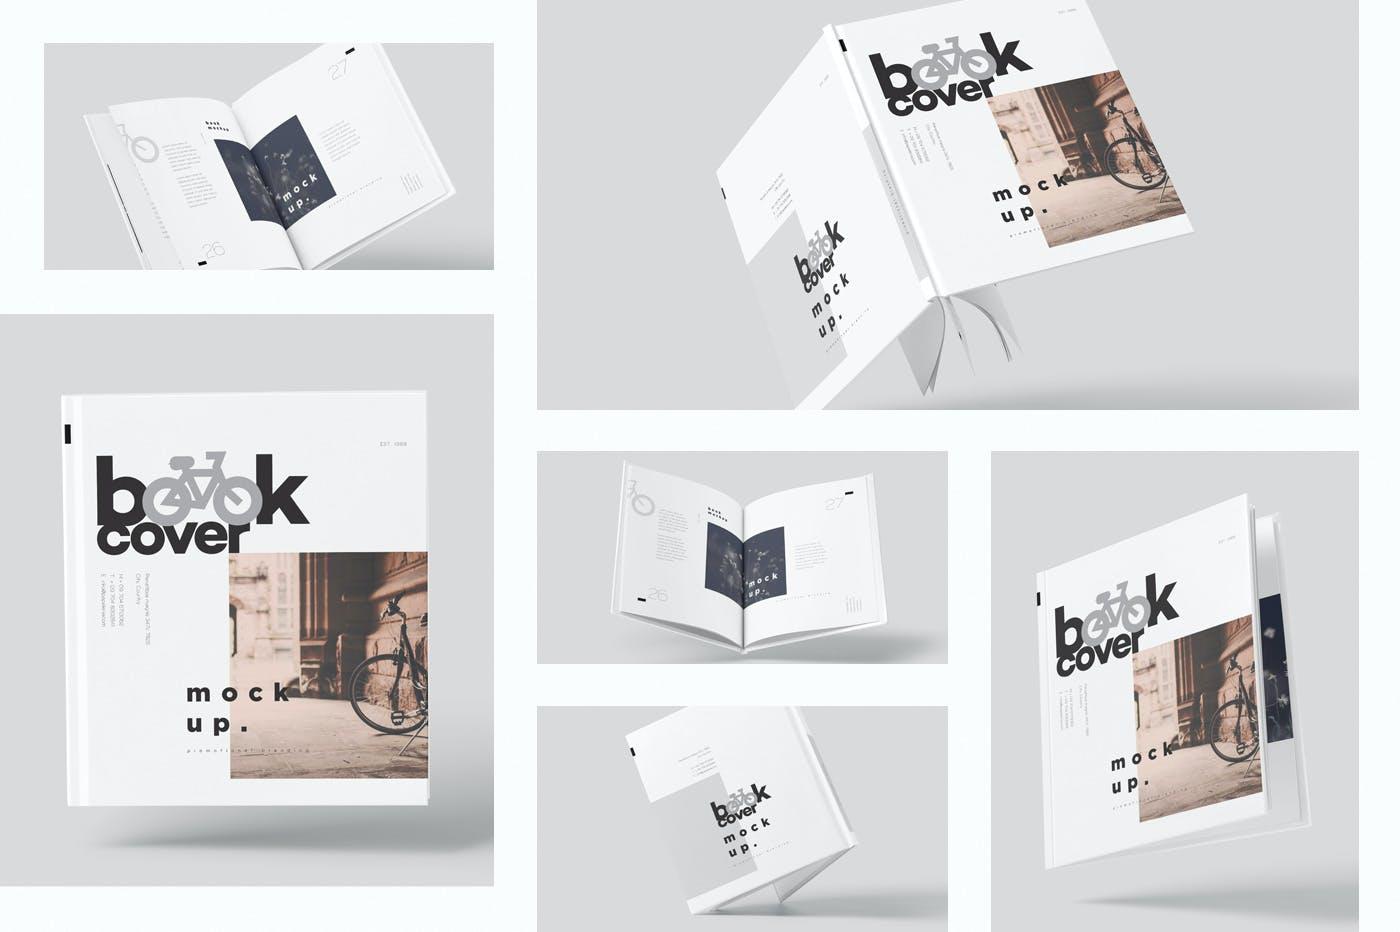 6款悬浮精装书画册设计展示贴图样机模板 Floating Hardcover Book Mockups插图1